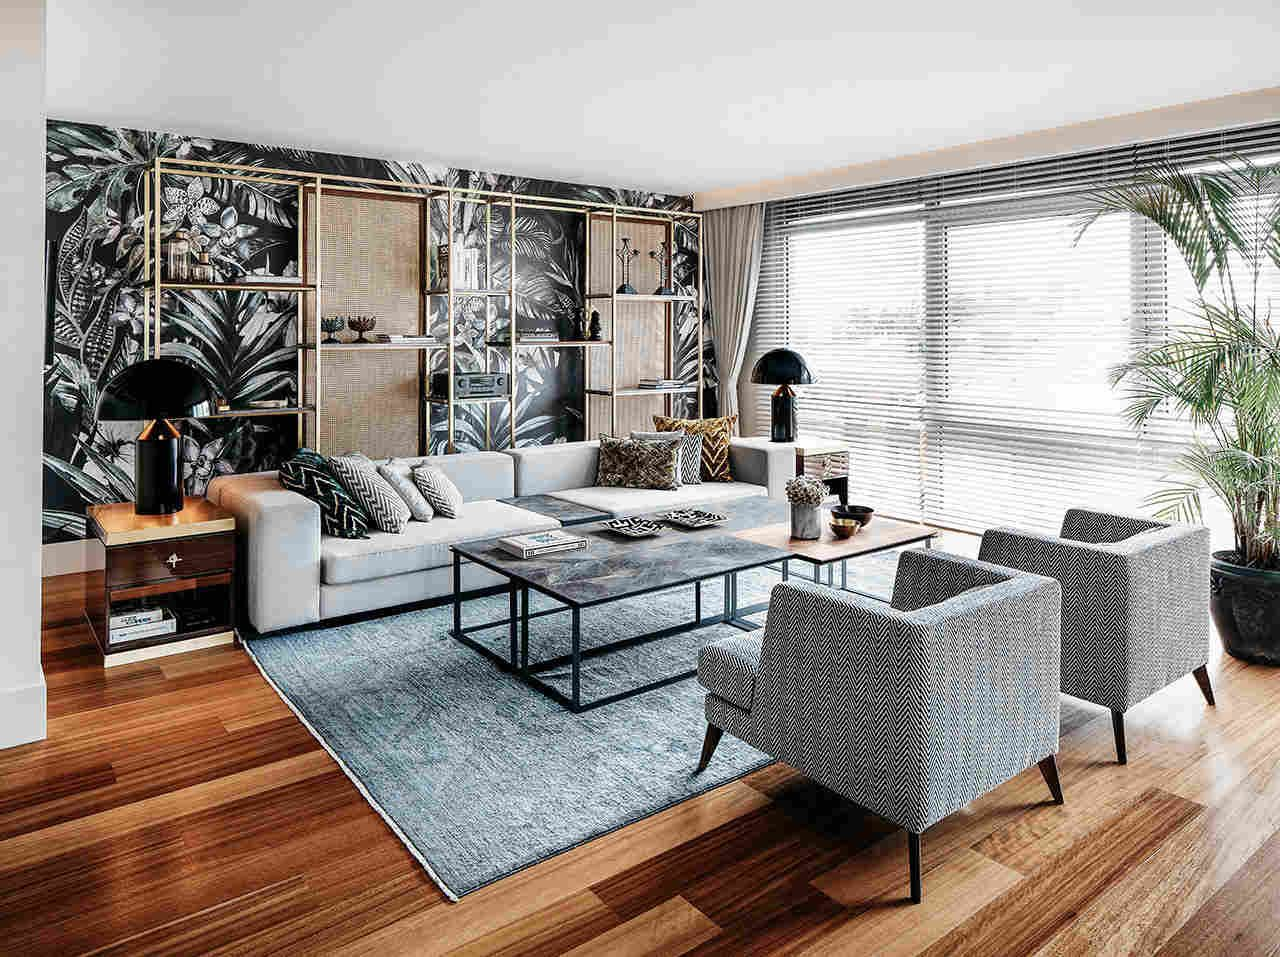 Innenarchitektur für wohnzimmer für kleines haus Модернистская классика в Стамбуле  прикольные интерьеры  pinterest